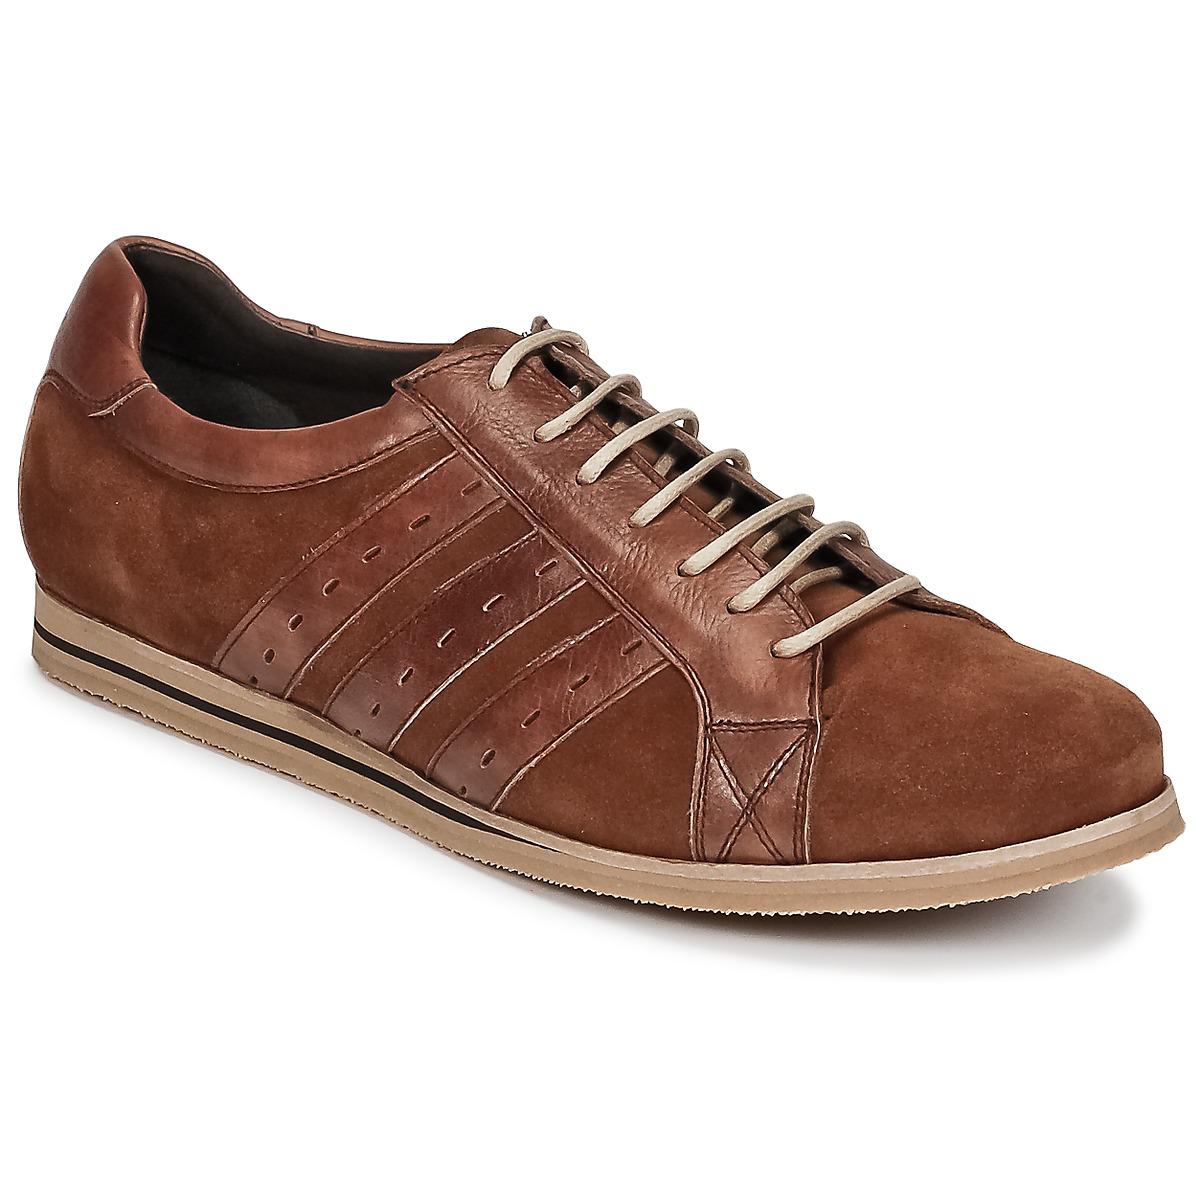 So Size GOPINETTE Braun - Kostenloser Versand bei Spartoode ! - Schuhe Sneaker Low Herren 83,40 €